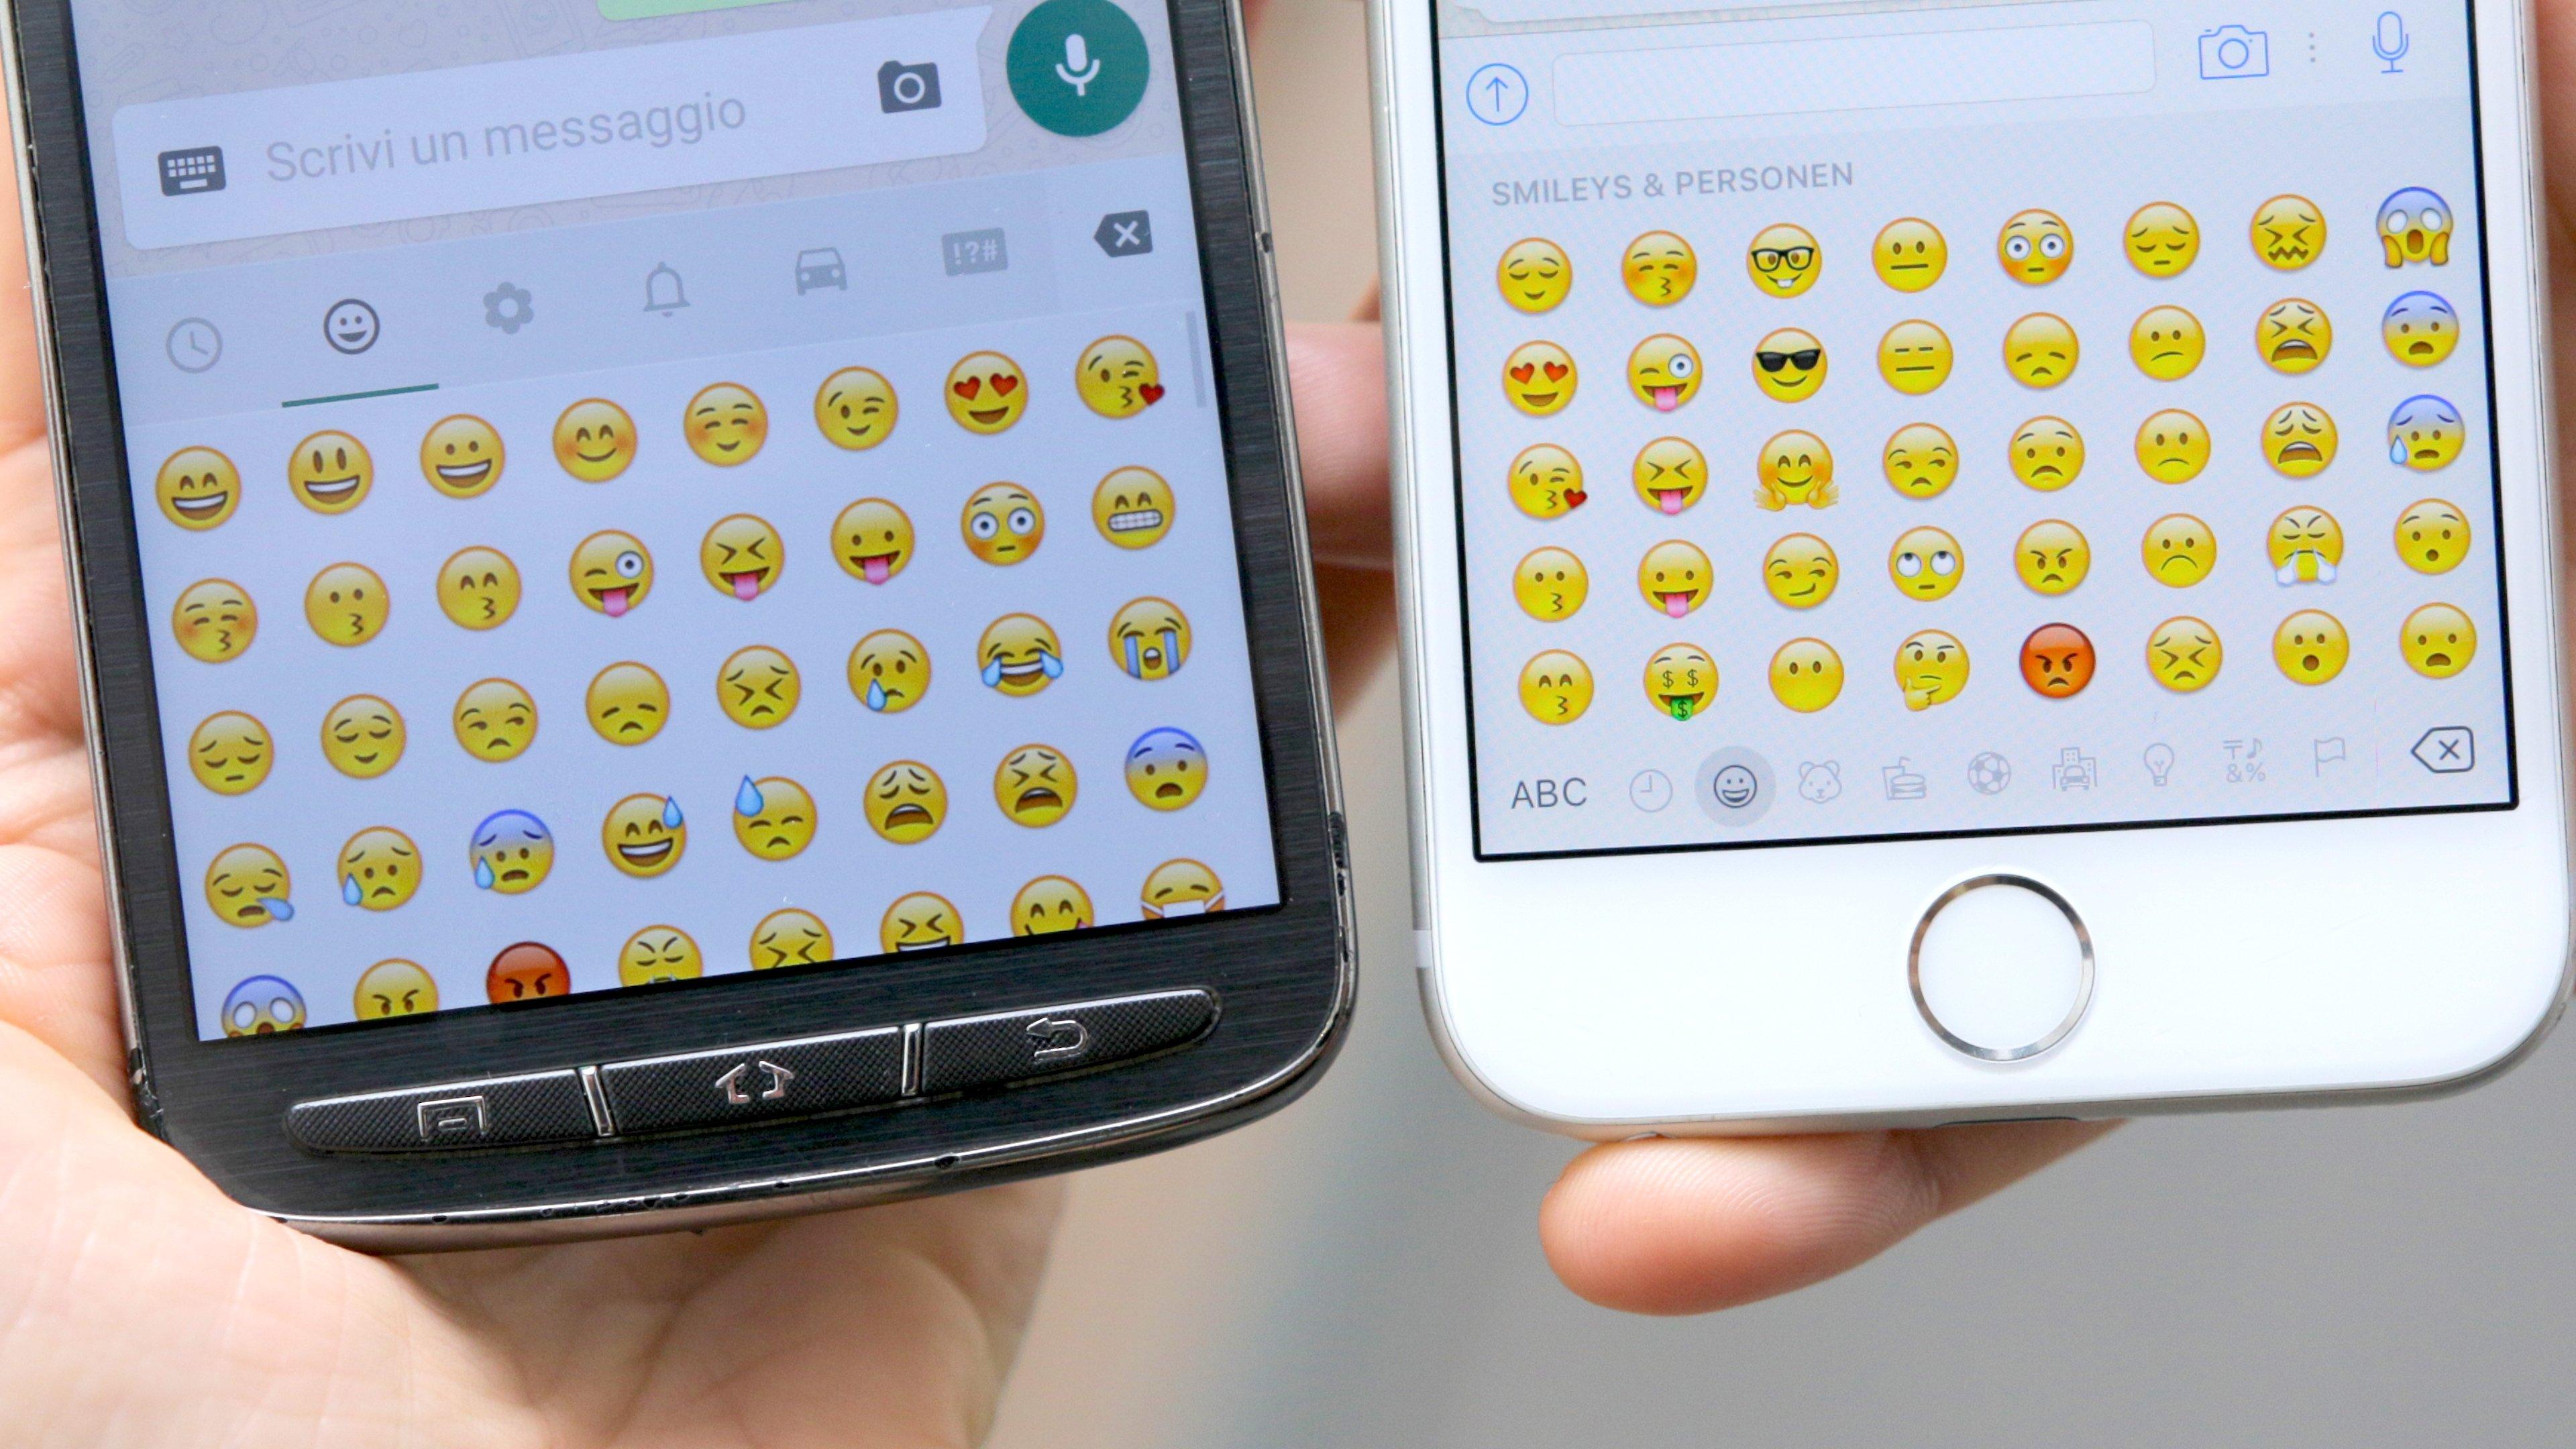 Hersteller-Emojis: Warum tut man uns das an?